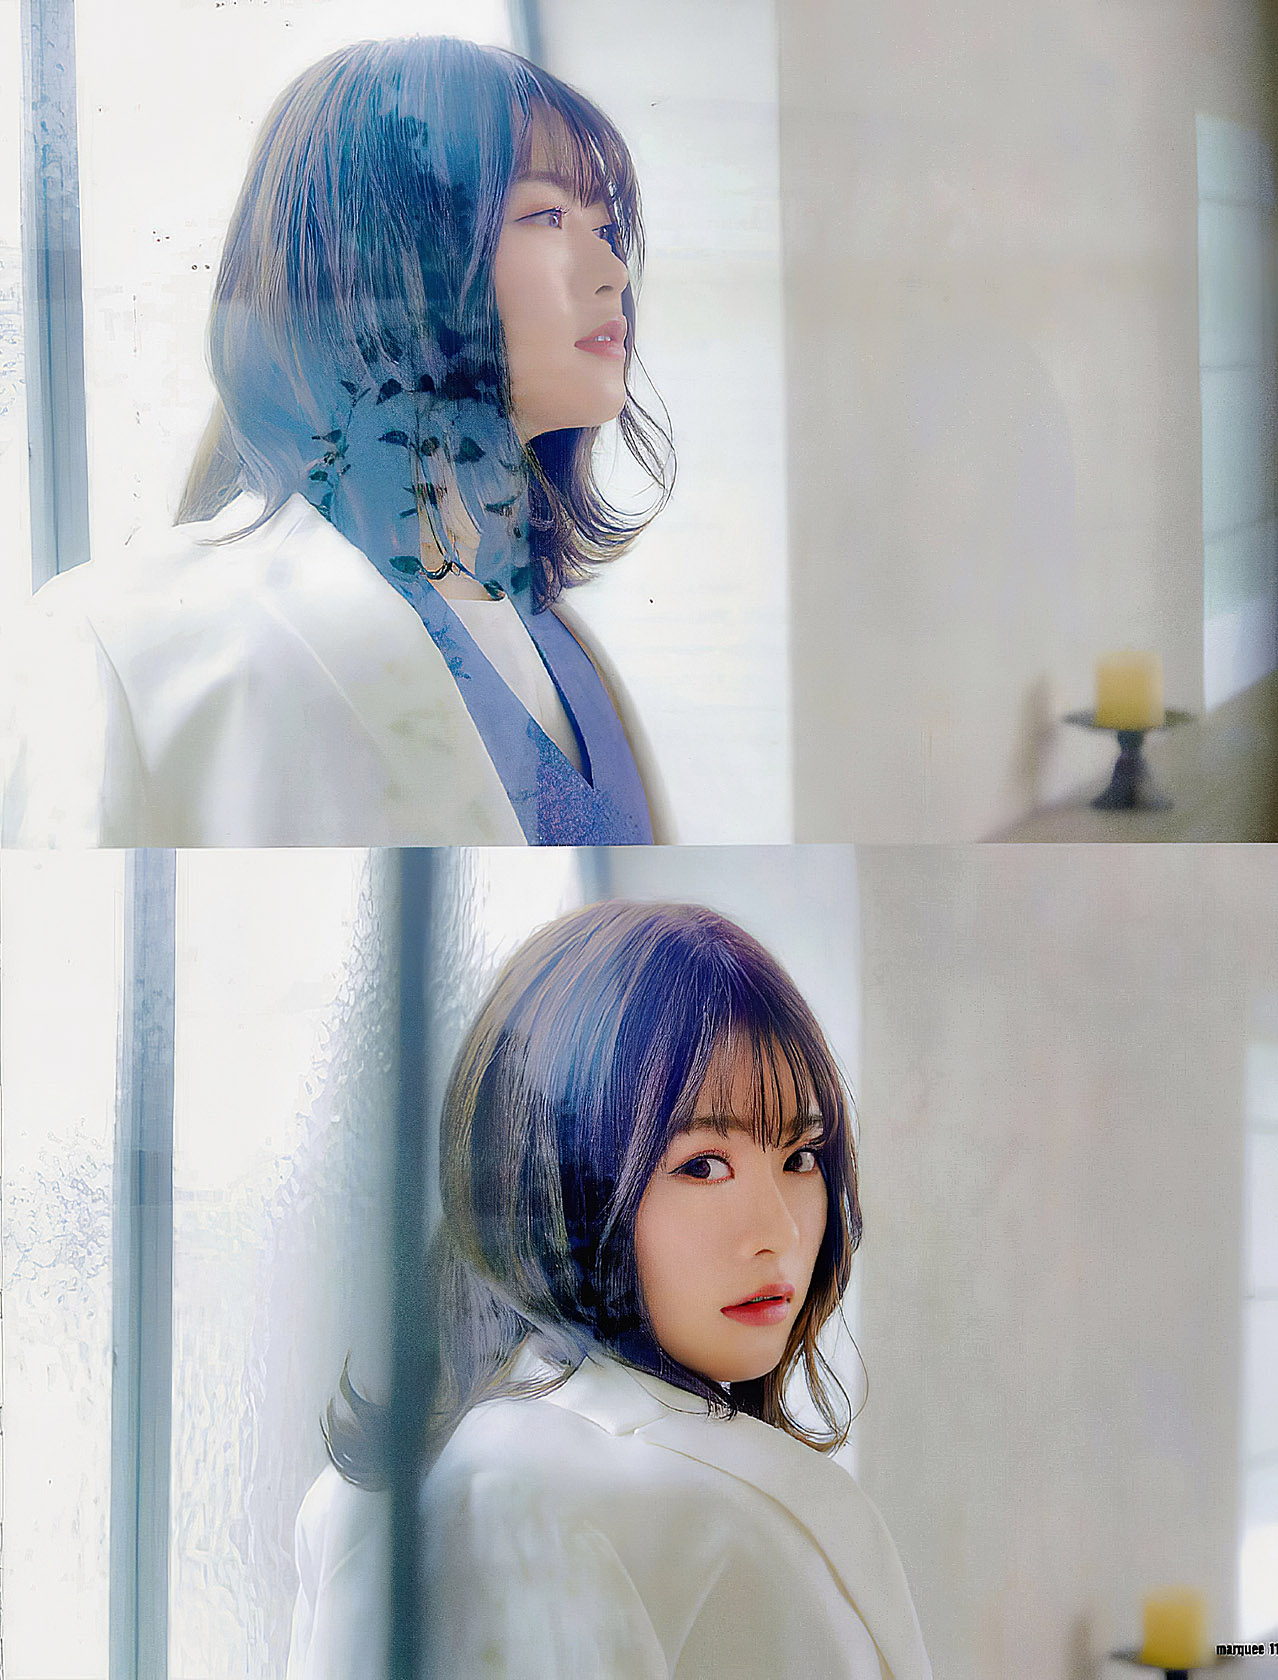 Rena Yamazaki N46 Marquee 138 2020 10.jpg